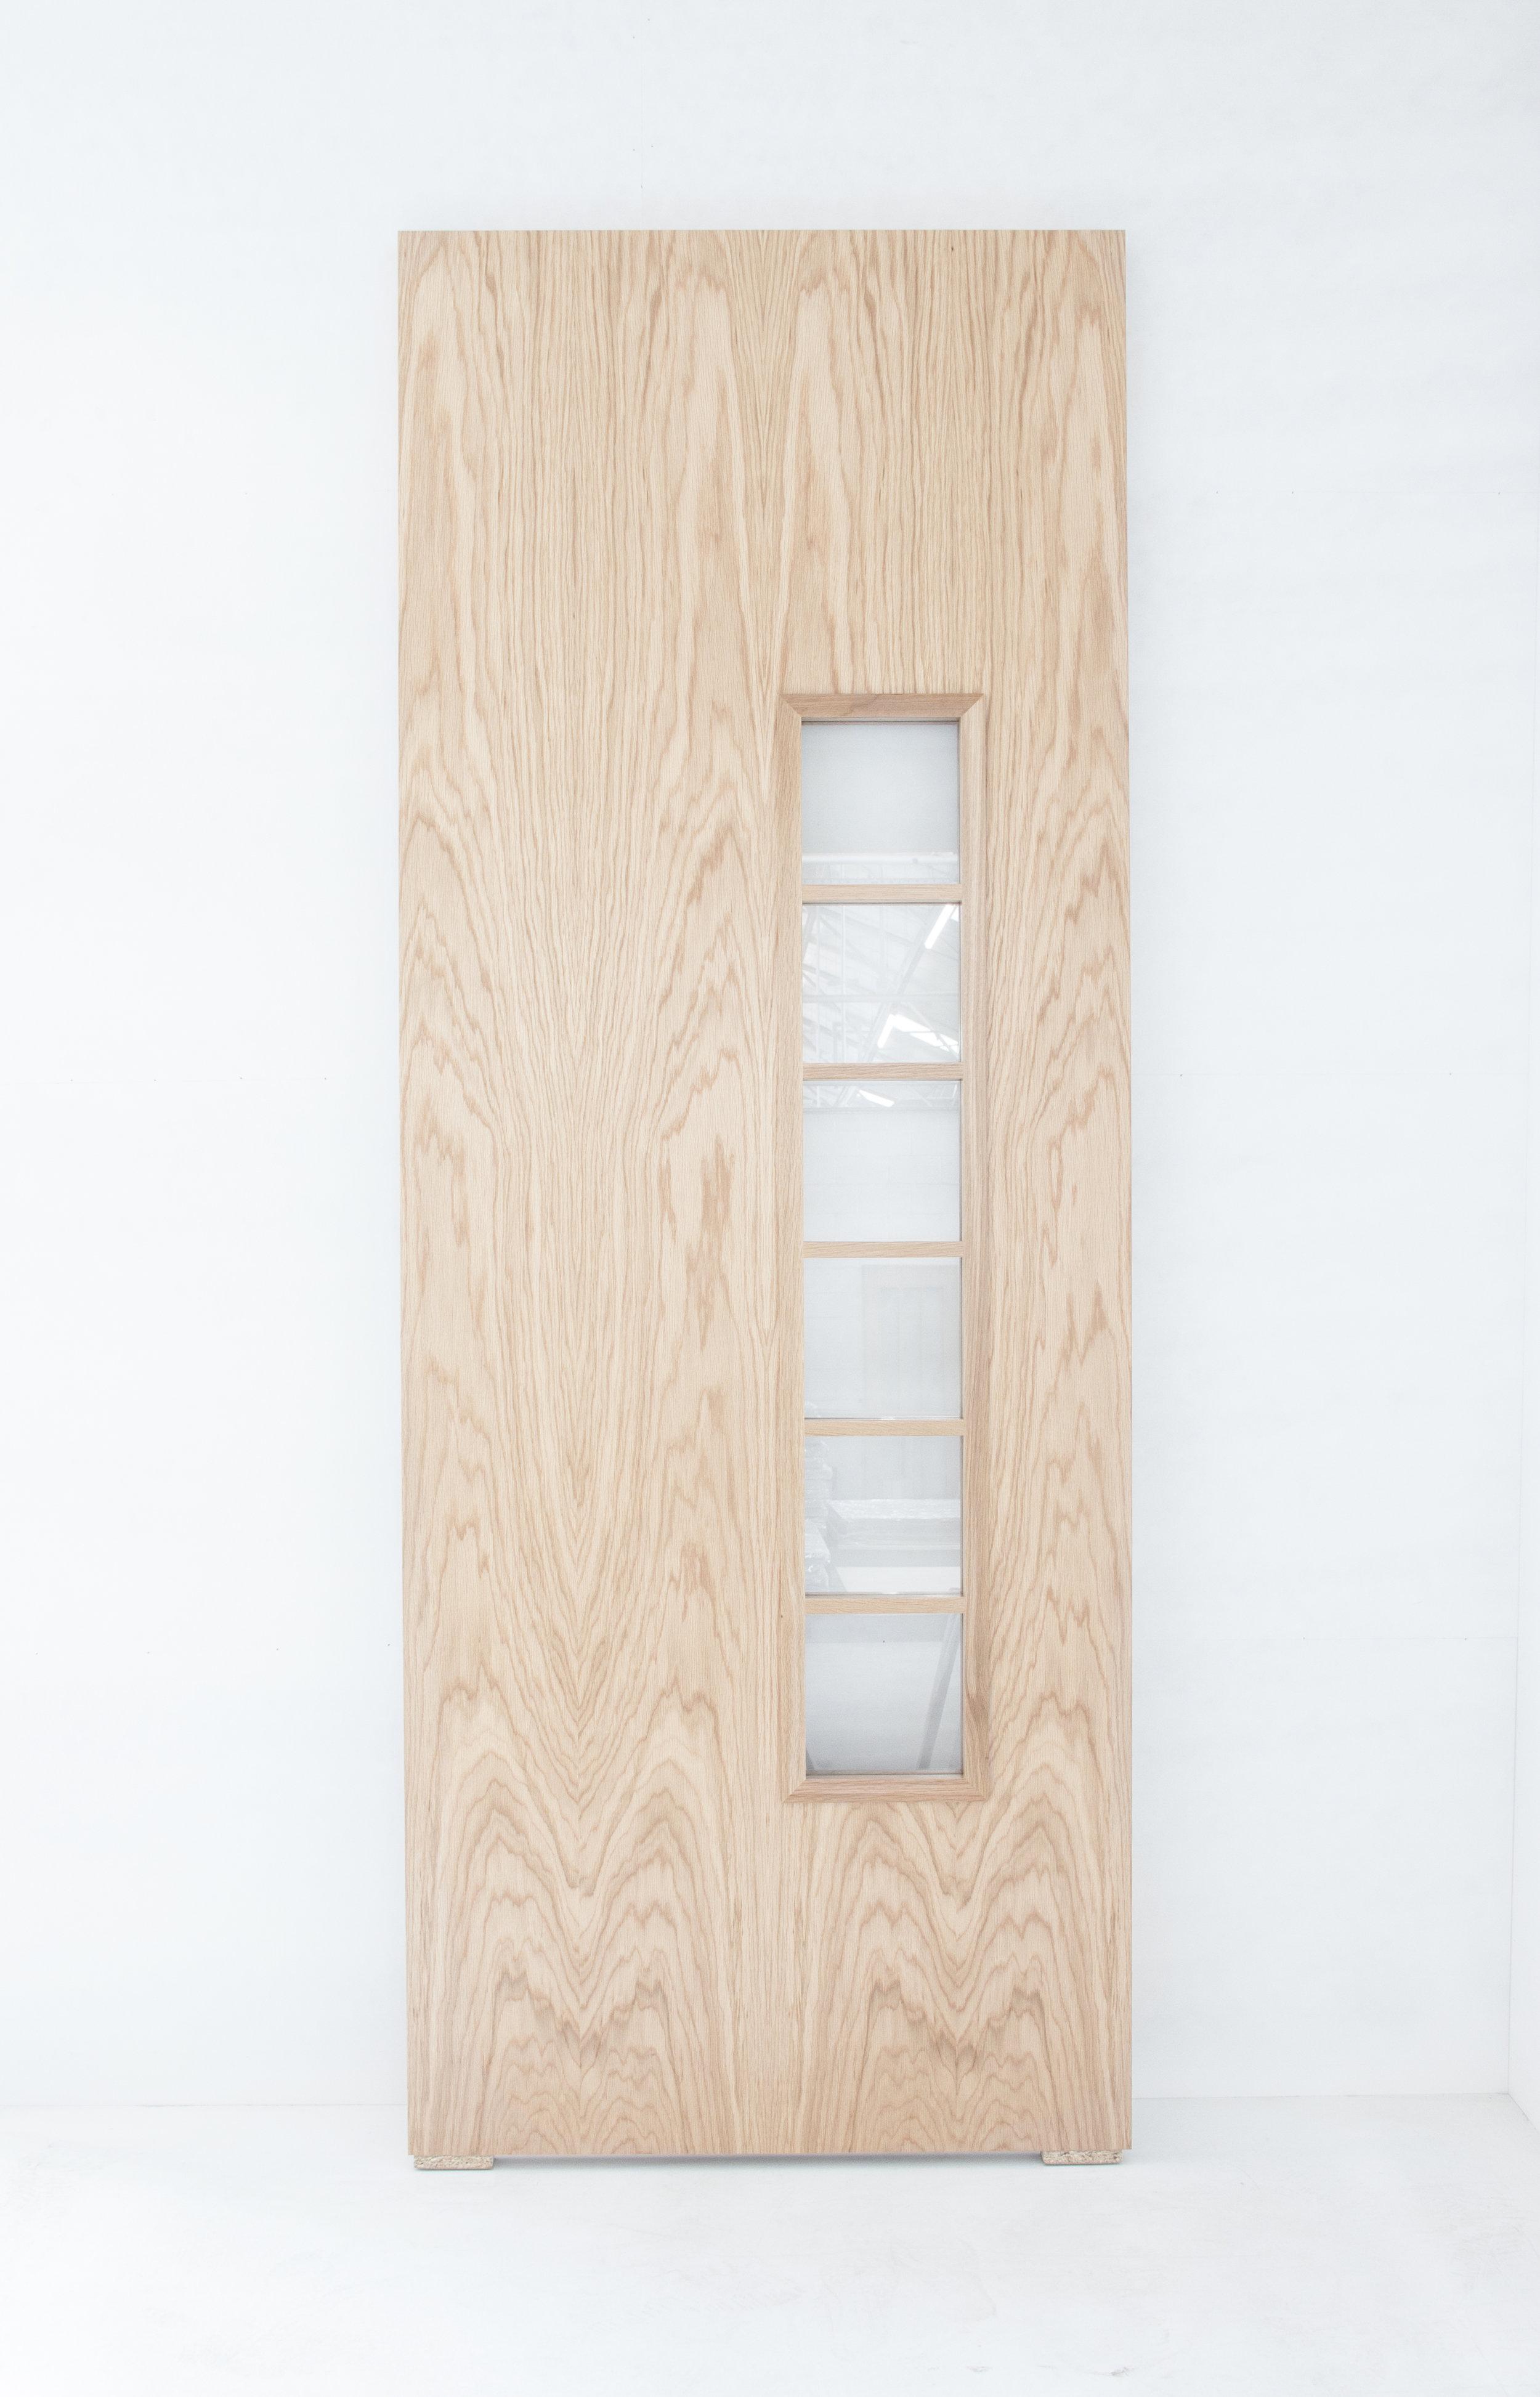 Oak Door With Ladder Beads